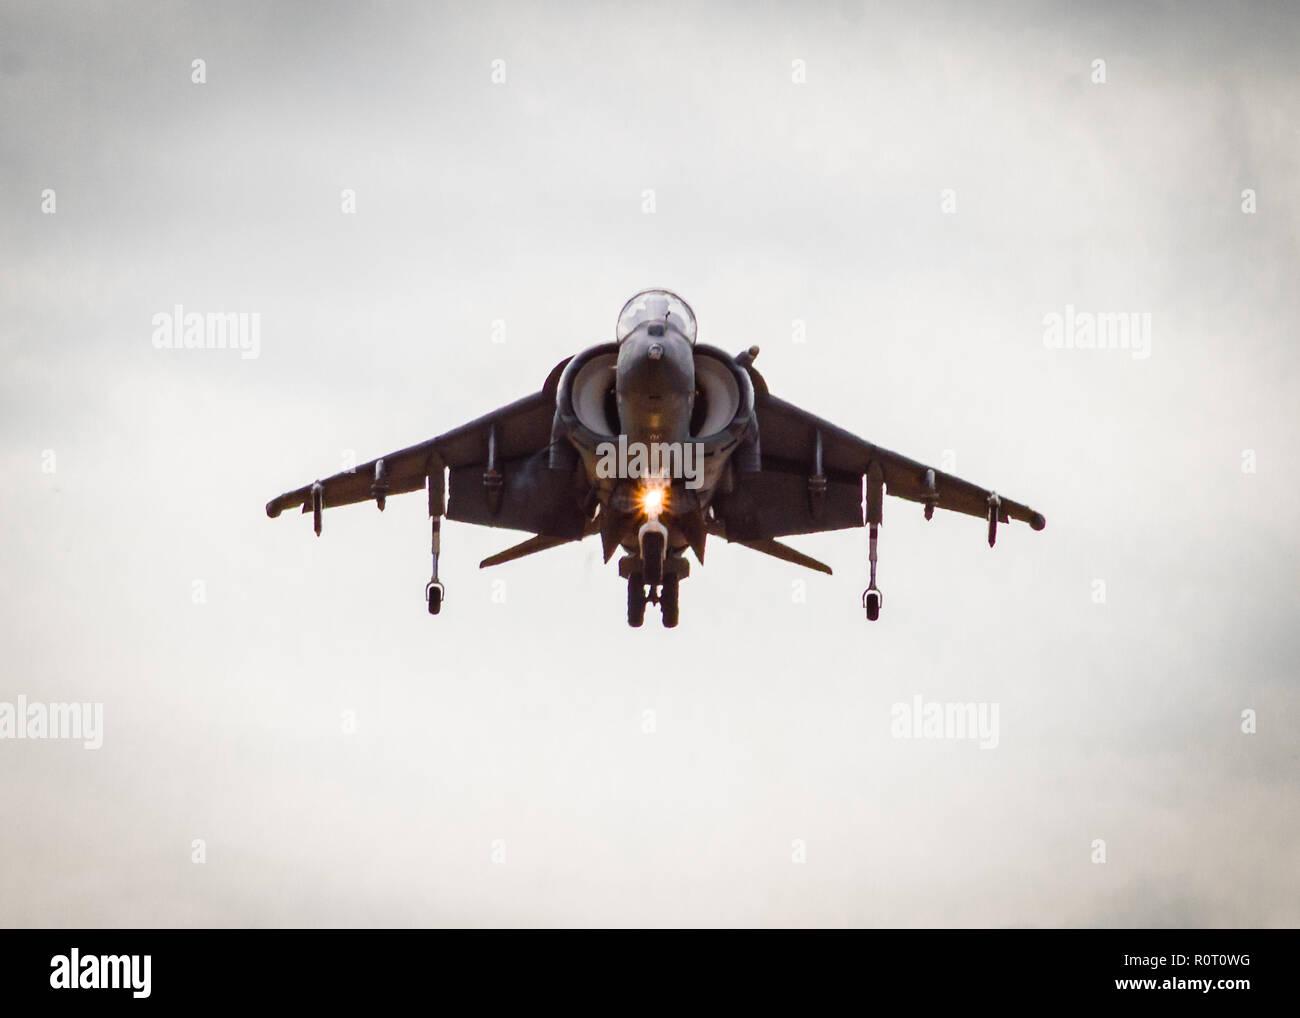 AV-8B Harrier II Stock Photo